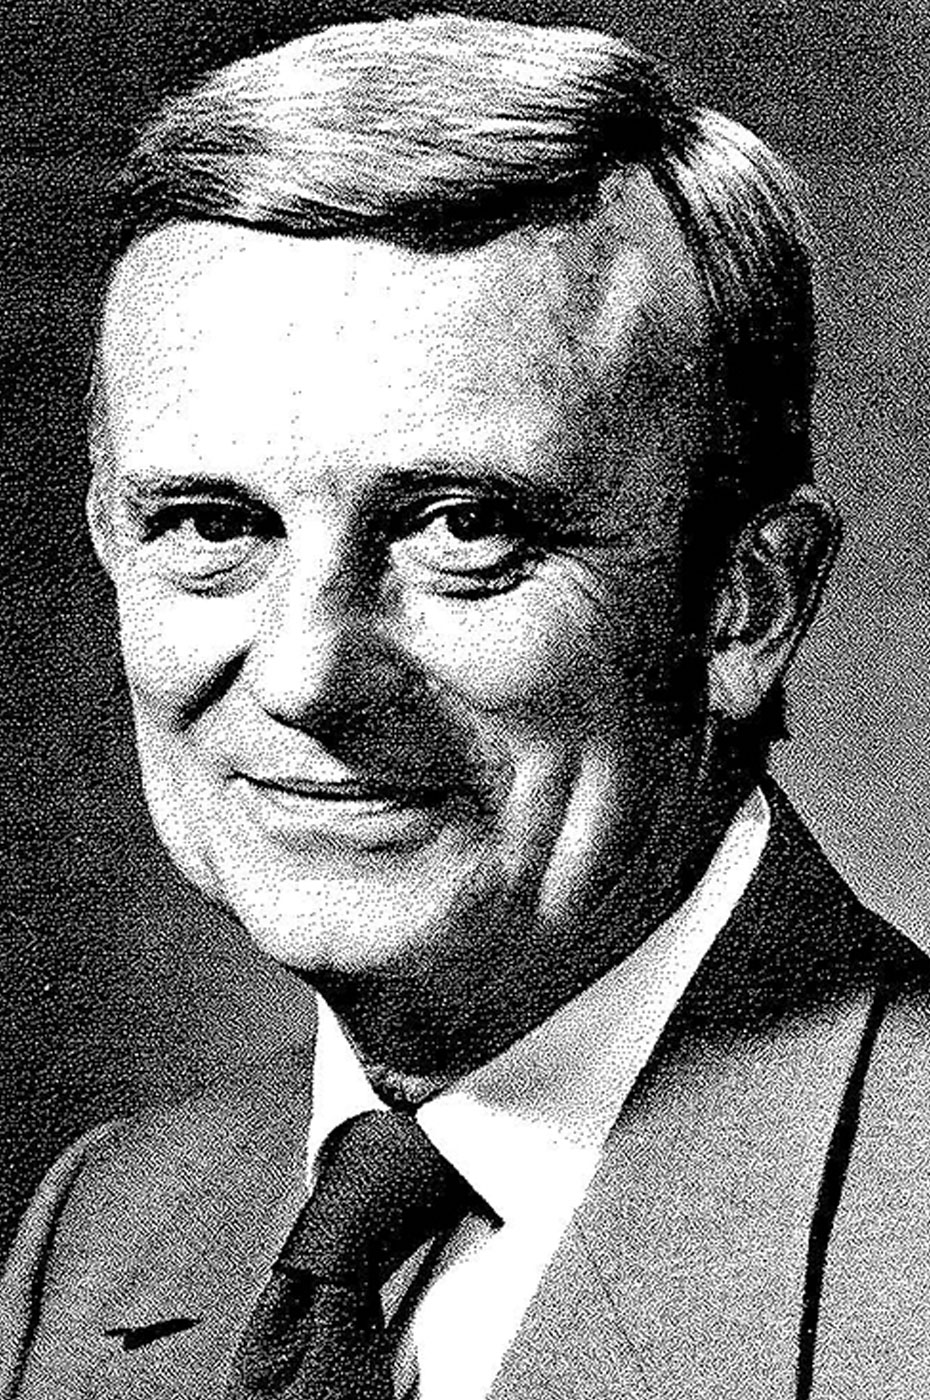 John J. Shelly